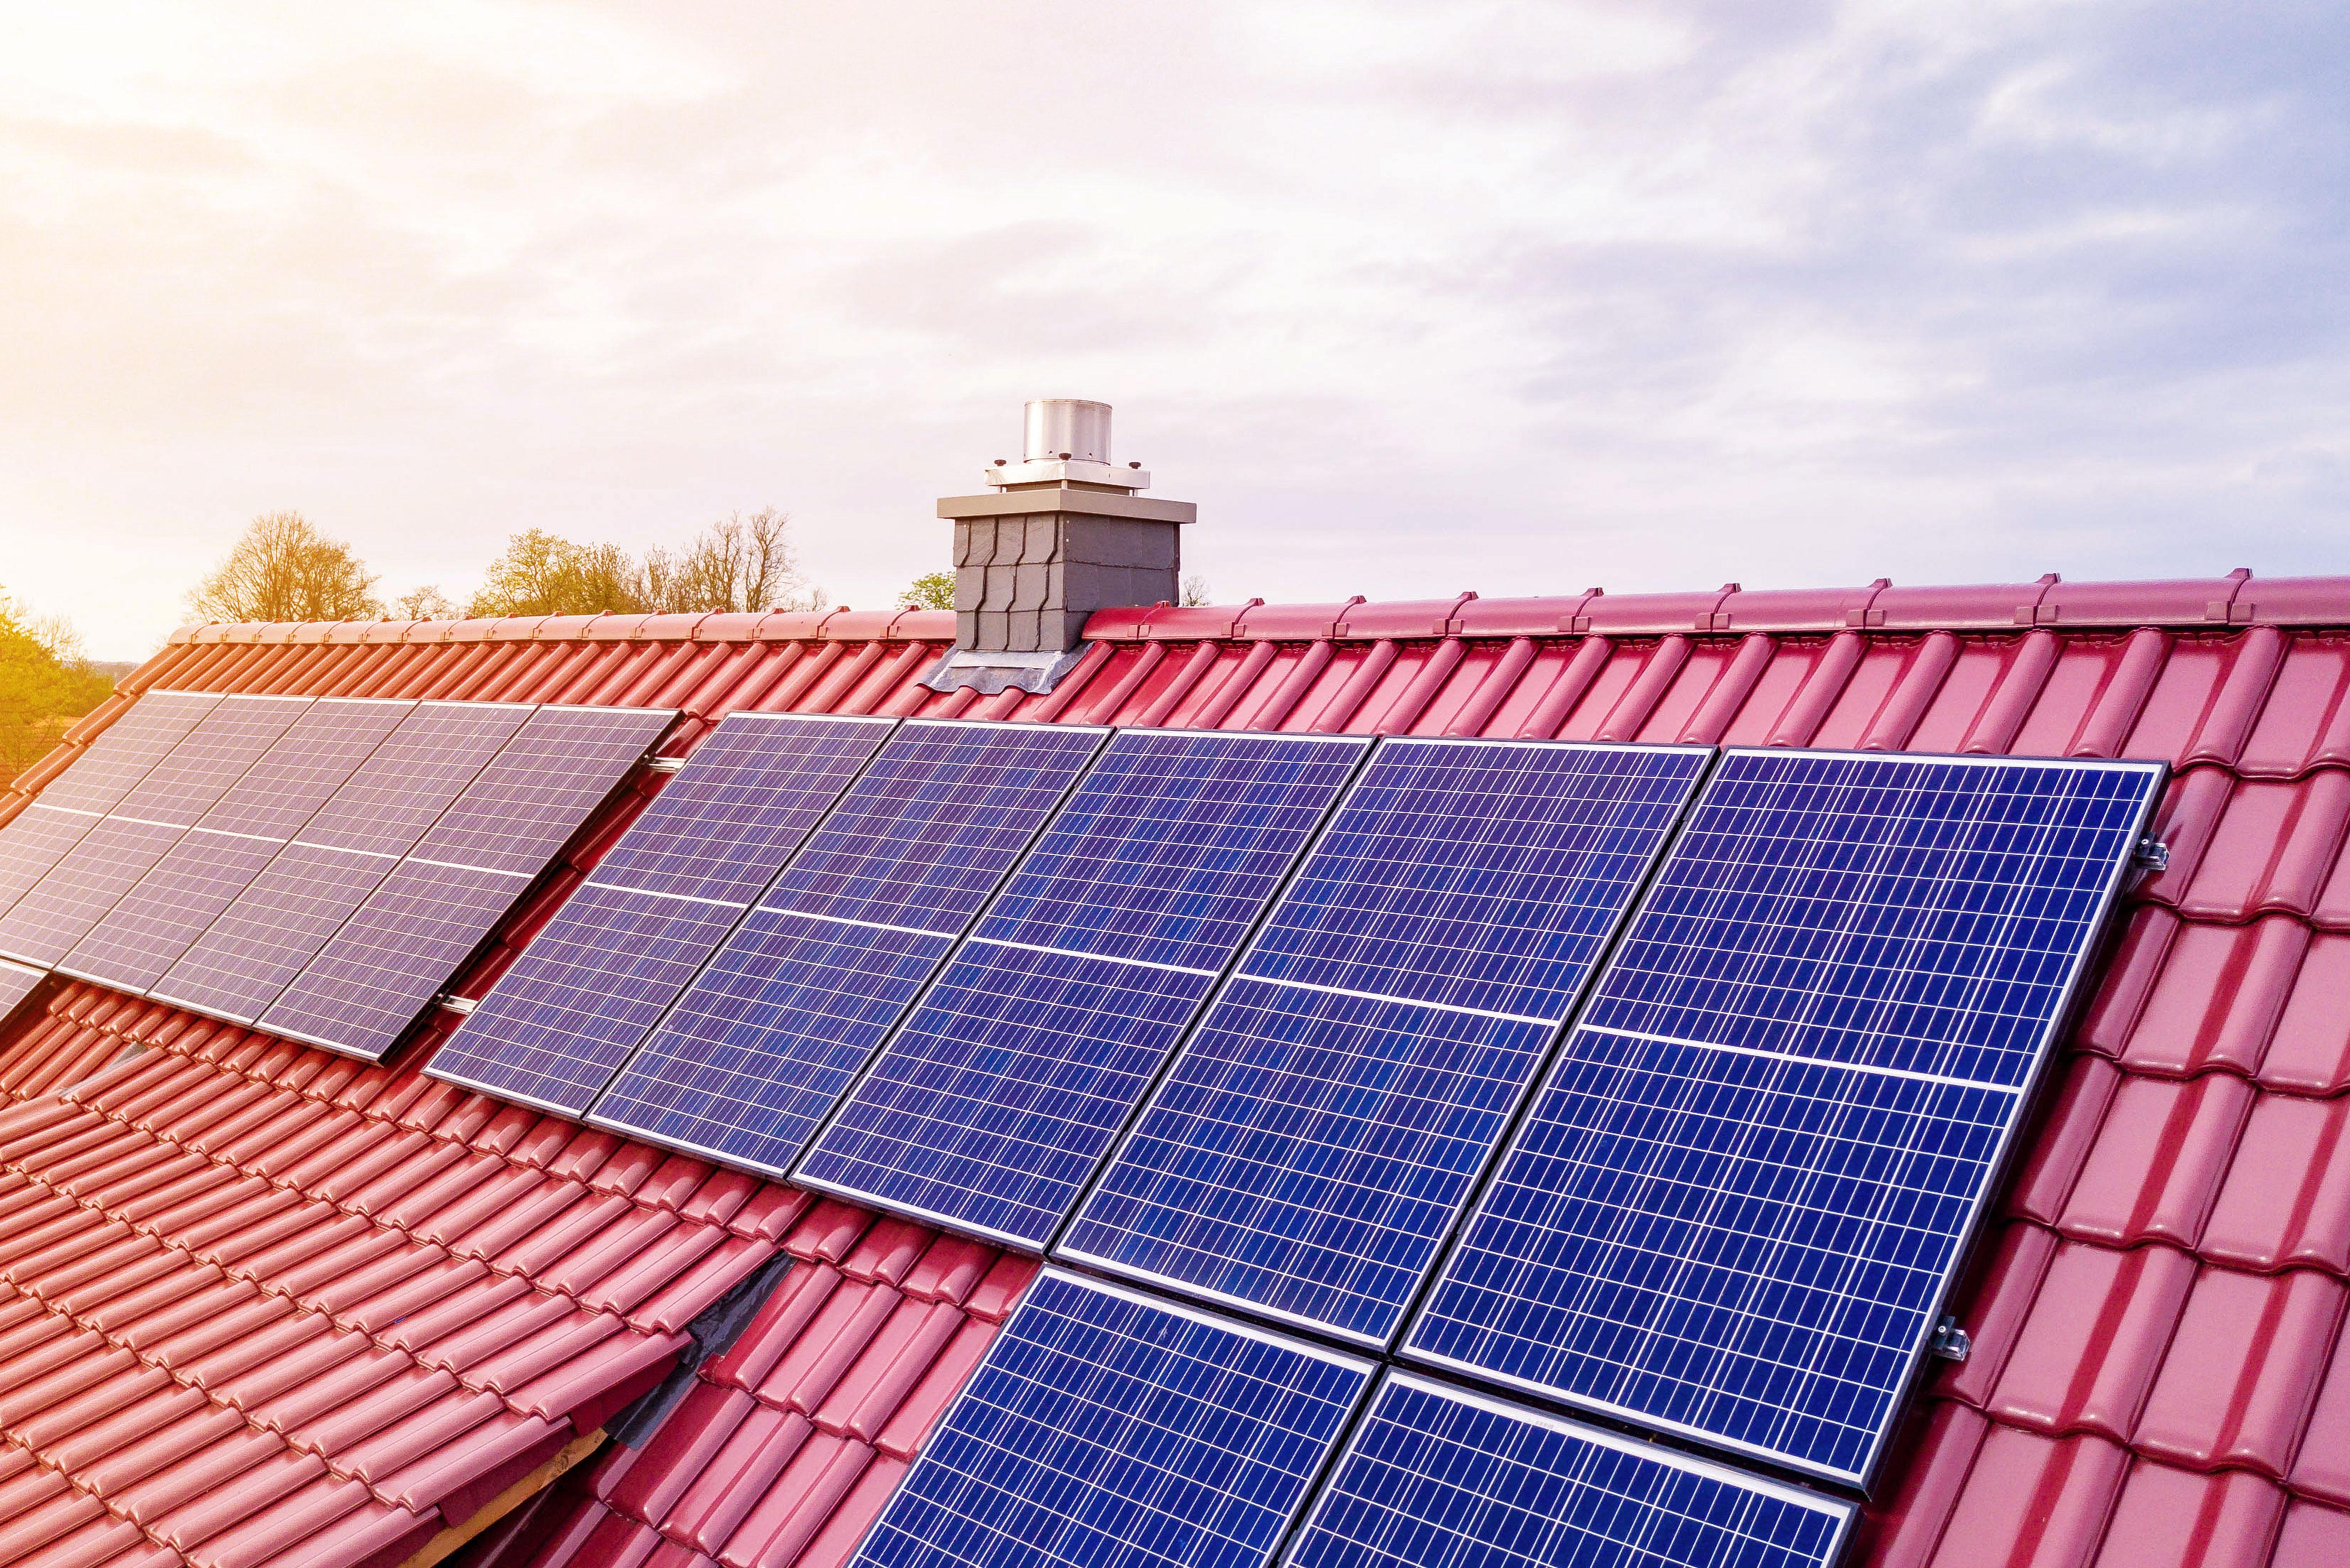 Haus Neubau in Weiß mit Solarpanels